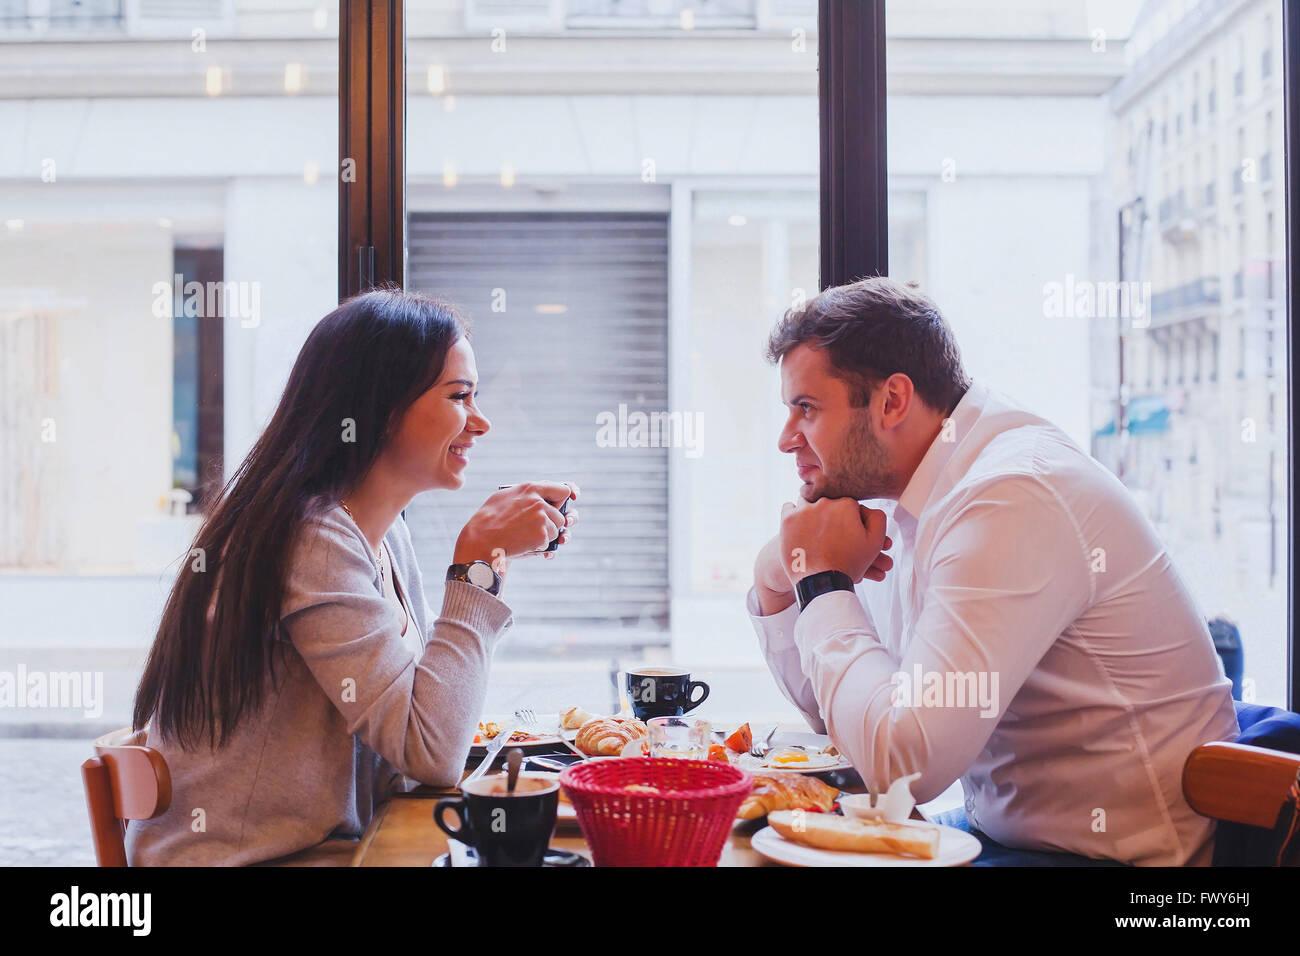 Essen im Restaurant, lächelnden Brautpaar mit Mittagessen im Café, dating Stockbild